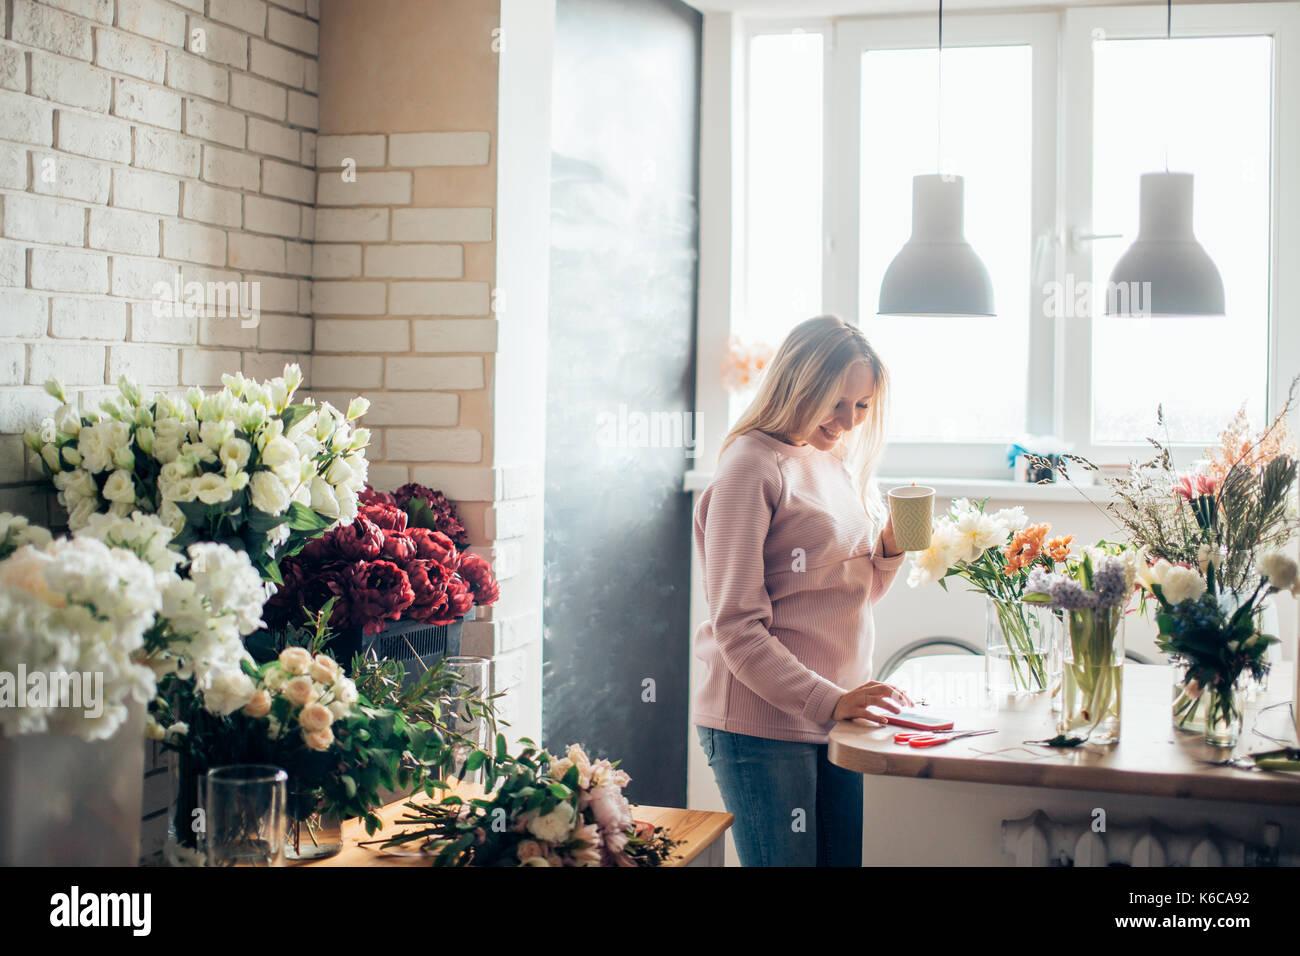 Un fleuriste au travail. Une femme dans le processus de création d'un bouquet d'été de pivoines, tient dans sa main une tasse de café. Des outils et accessoires fleuristes besoin Photo Stock